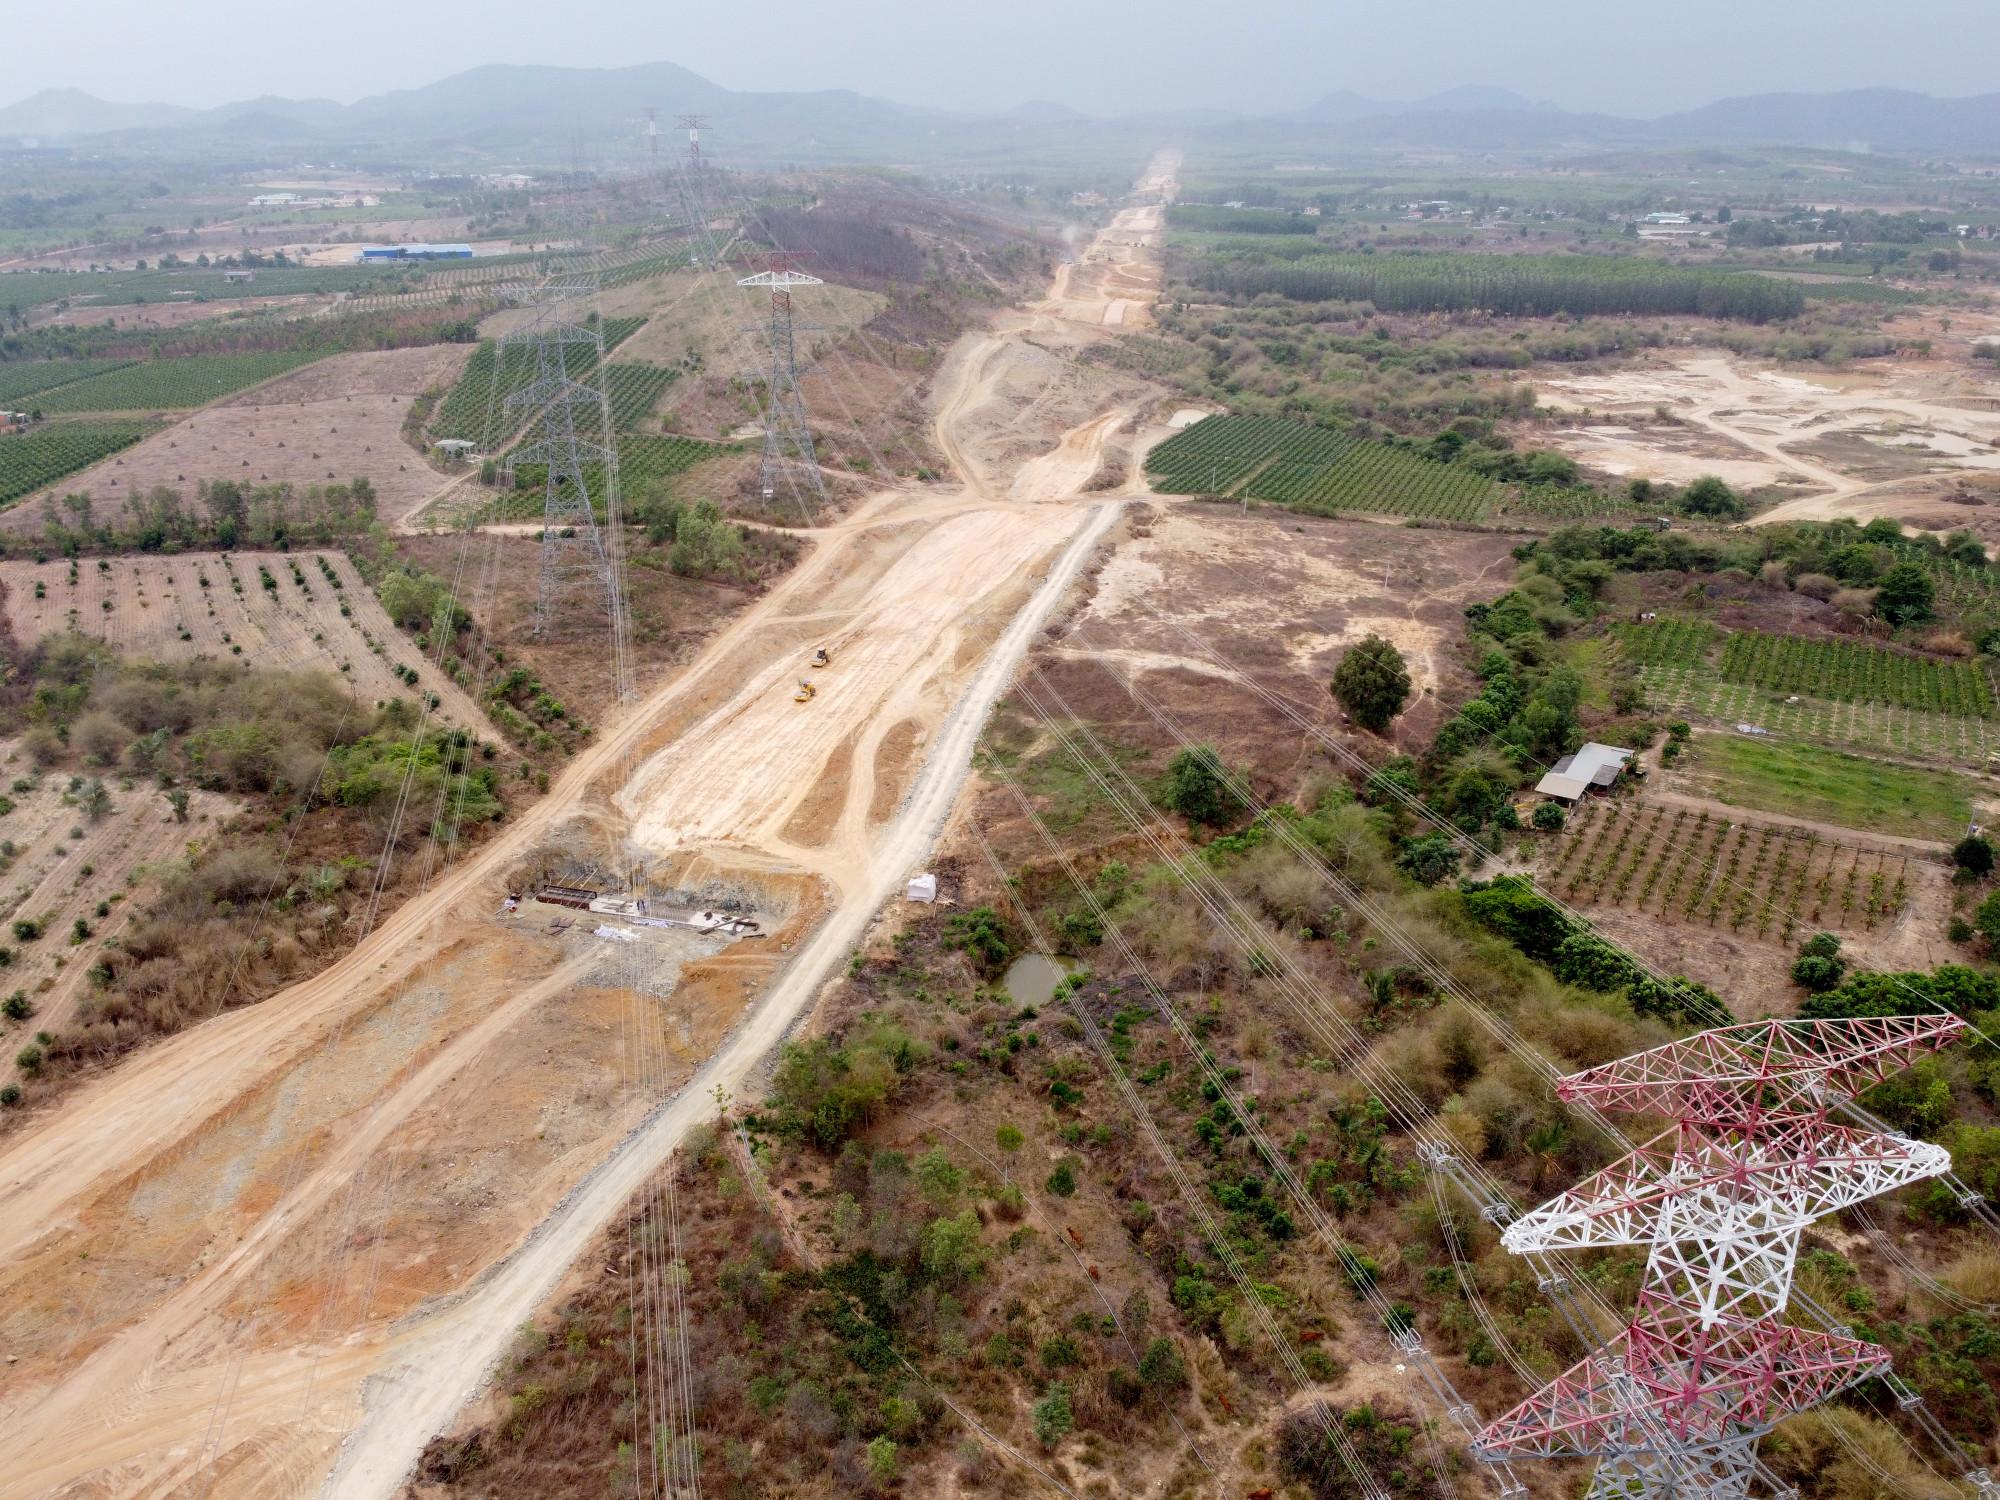 Đường dây điện cao thế chưa được di dời qua khu vực thi công cao tốc Bắc - Nam thuộc huyện Hàm Tân. Ảnh: Trường Nguyên